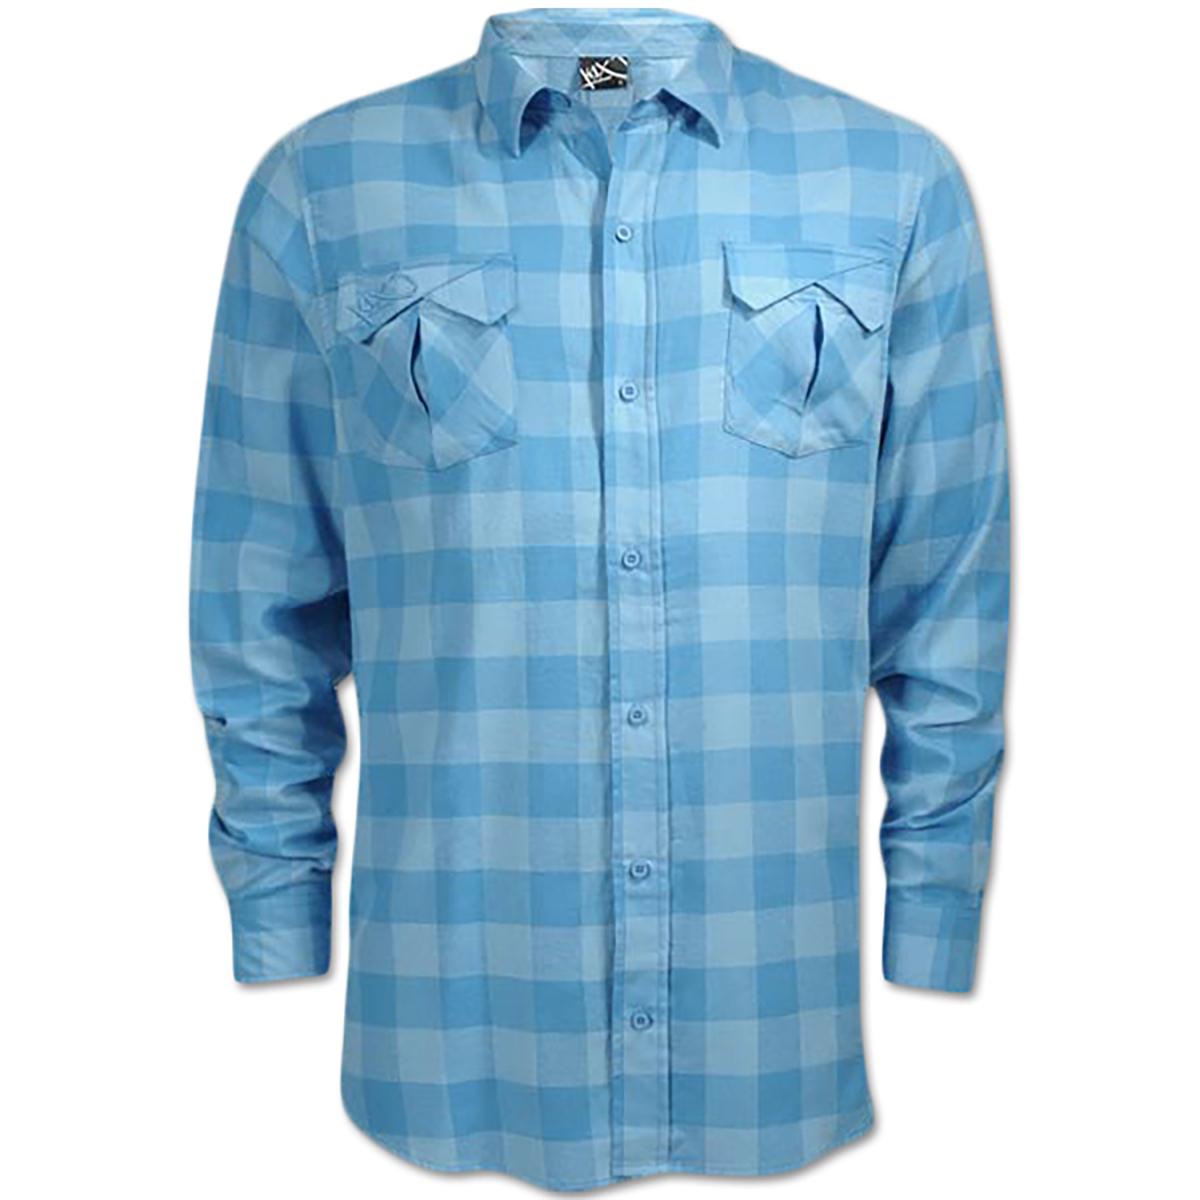 tonal check this shirt